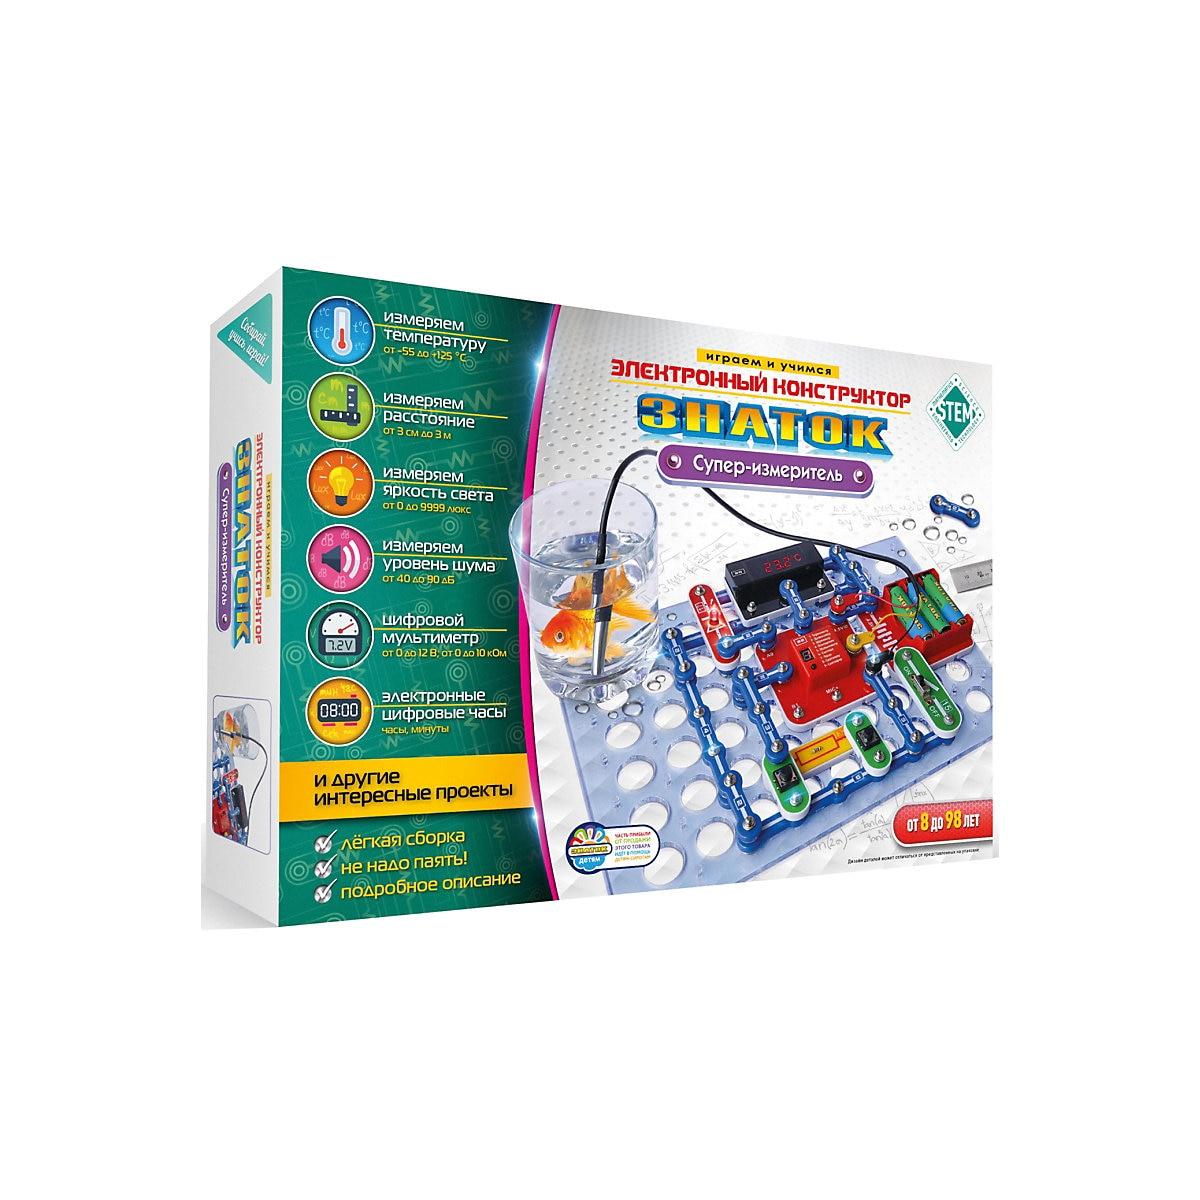 Znatok Robots Accessories1 8646869 jouet intelligent pour enfants garçon fille jouer jeu jouets électroniques garçons filles modèle préfabriqué MTpromo